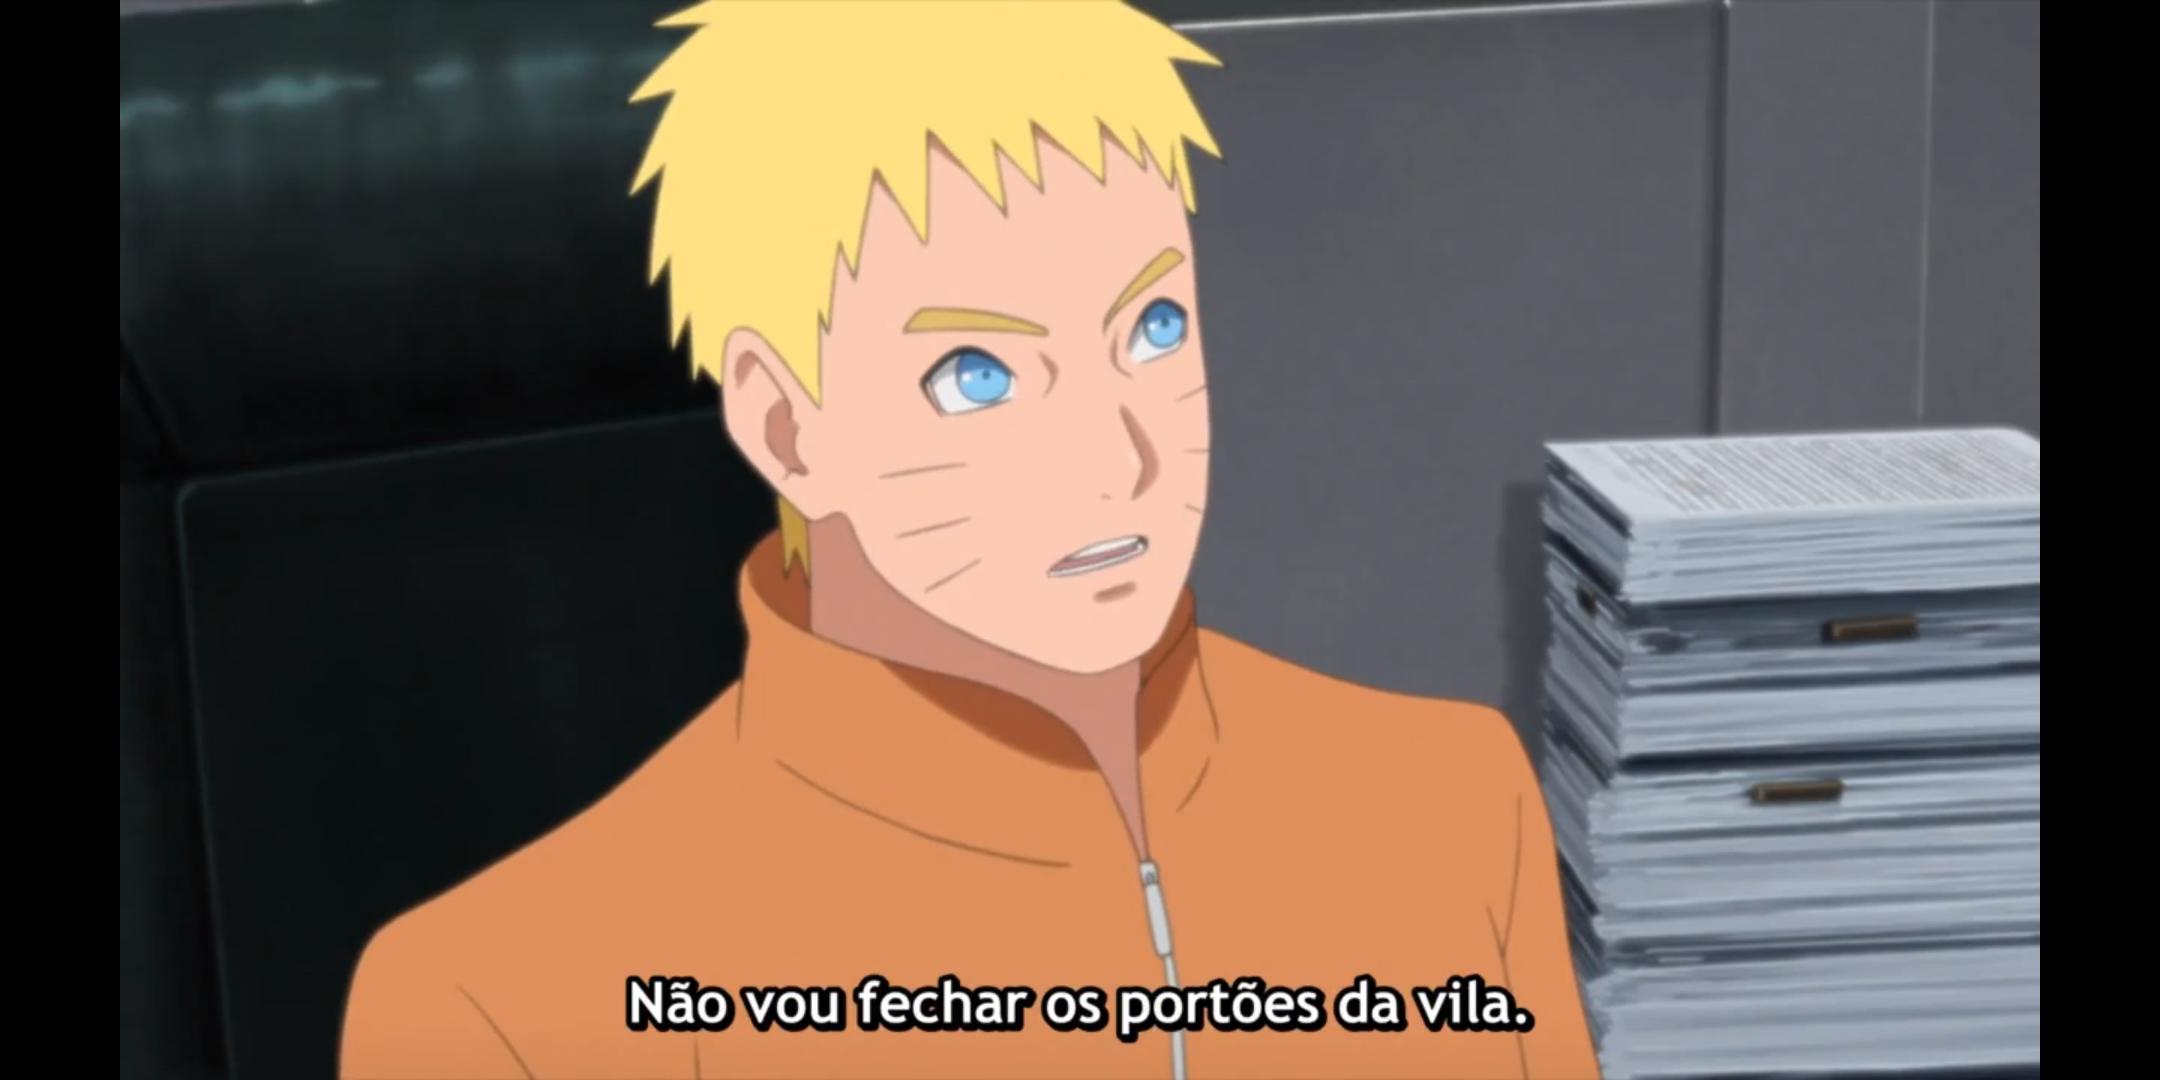 Episódio 176 de Boruto - Naruto e sua decisão